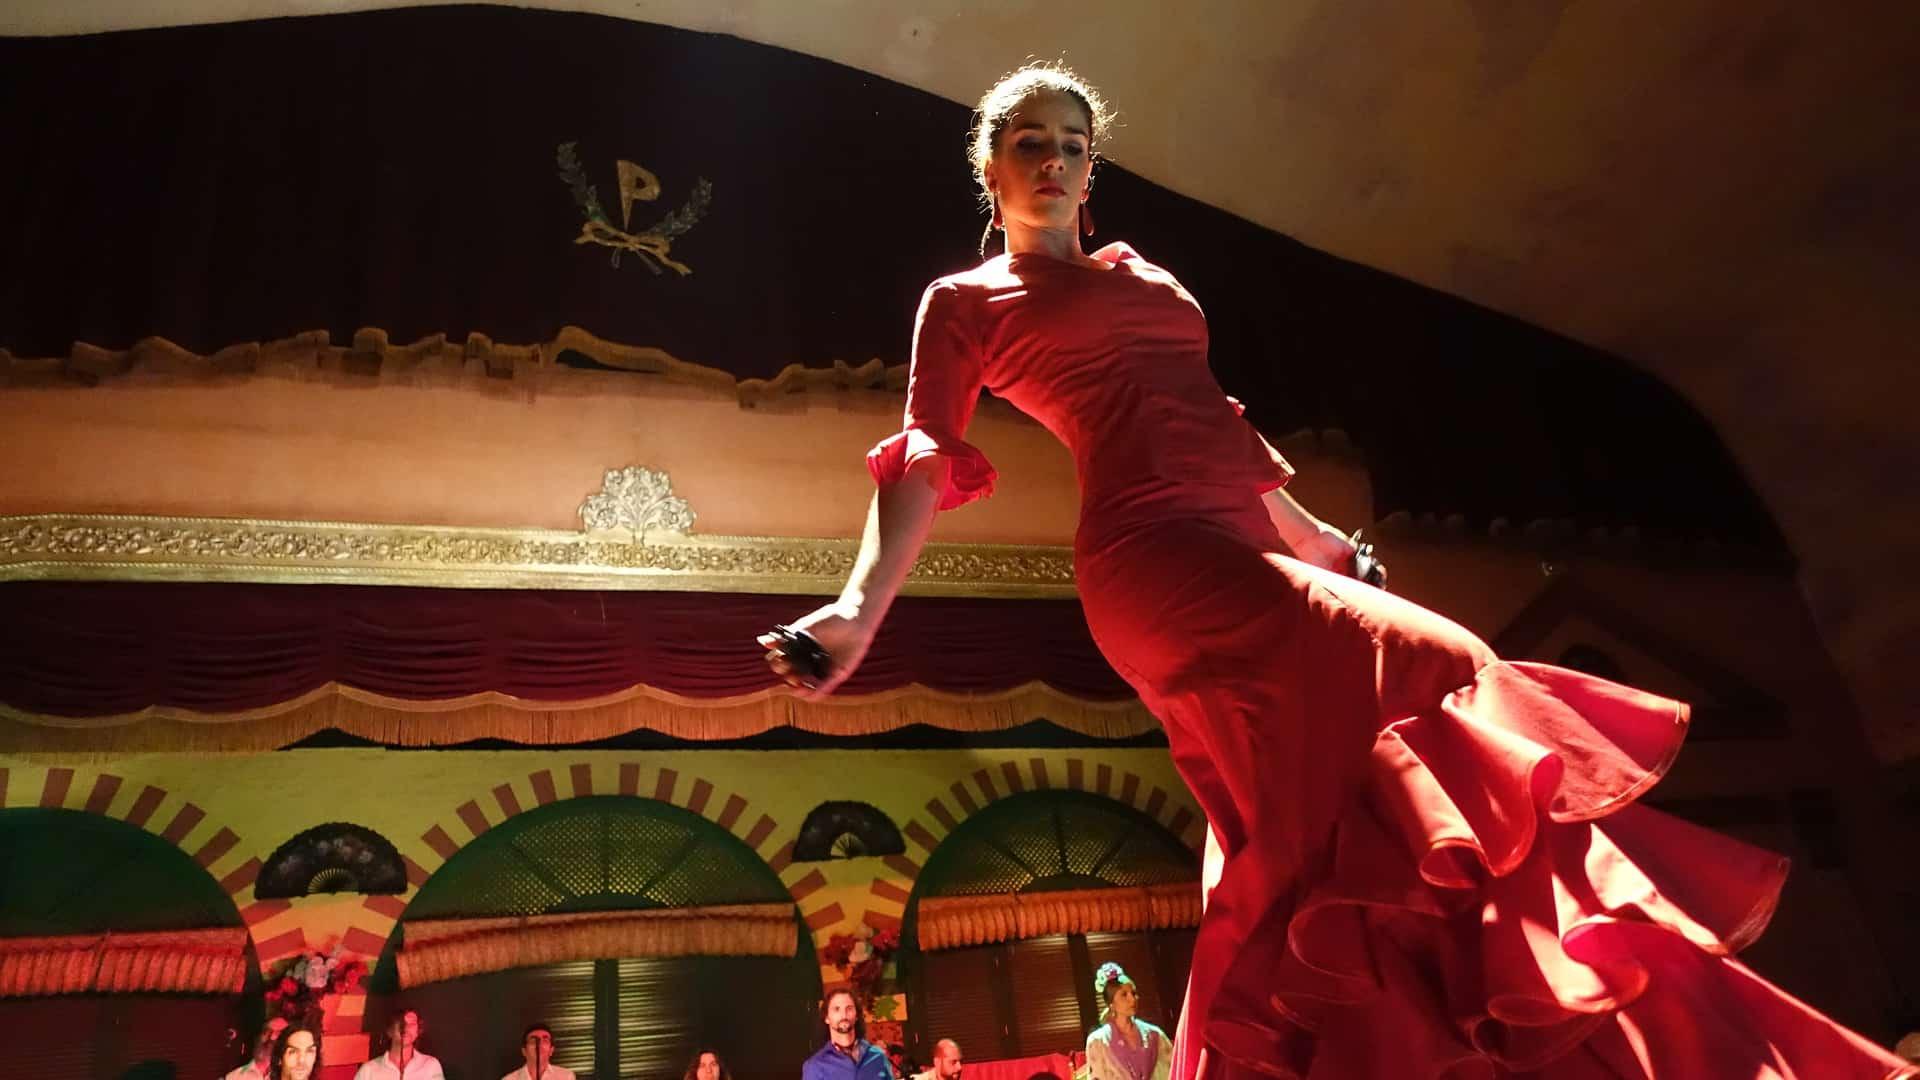 El origen del flamenco en Sevilla